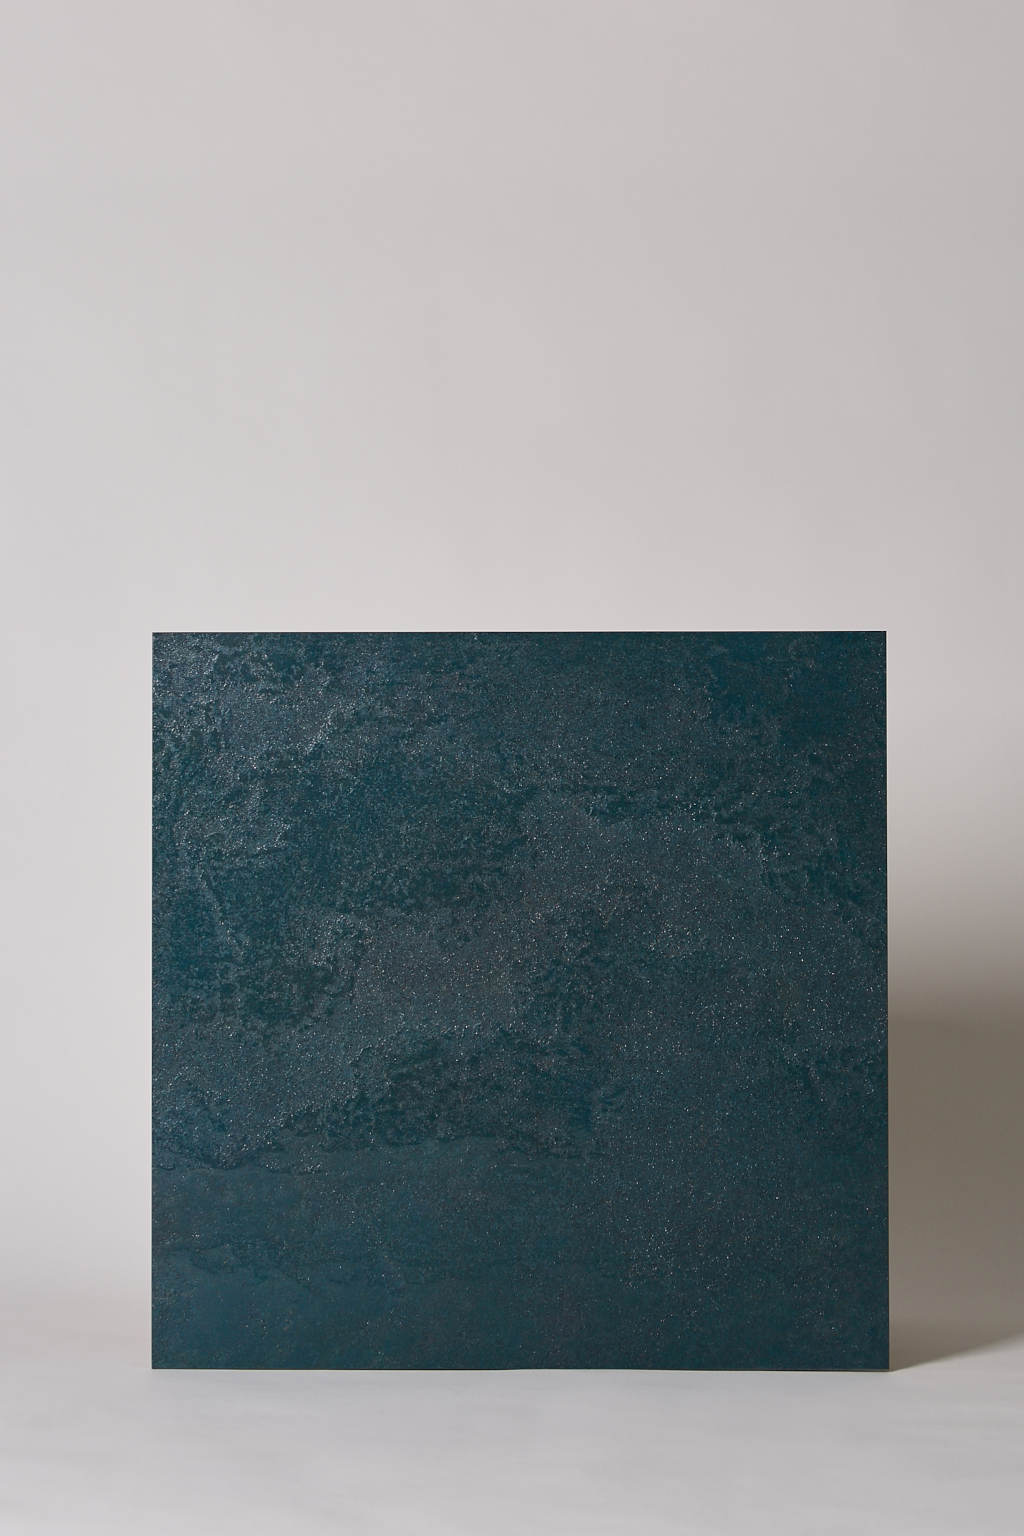 Płytka gresowa, włoska, rektyfikowana, mrozoodporna, półpołysk (lappato), rozmiar 60x60cm, łazienka, salon, kuchnia, podłoga, ściana - LA FABBRICA Pietra Lavica arcadia